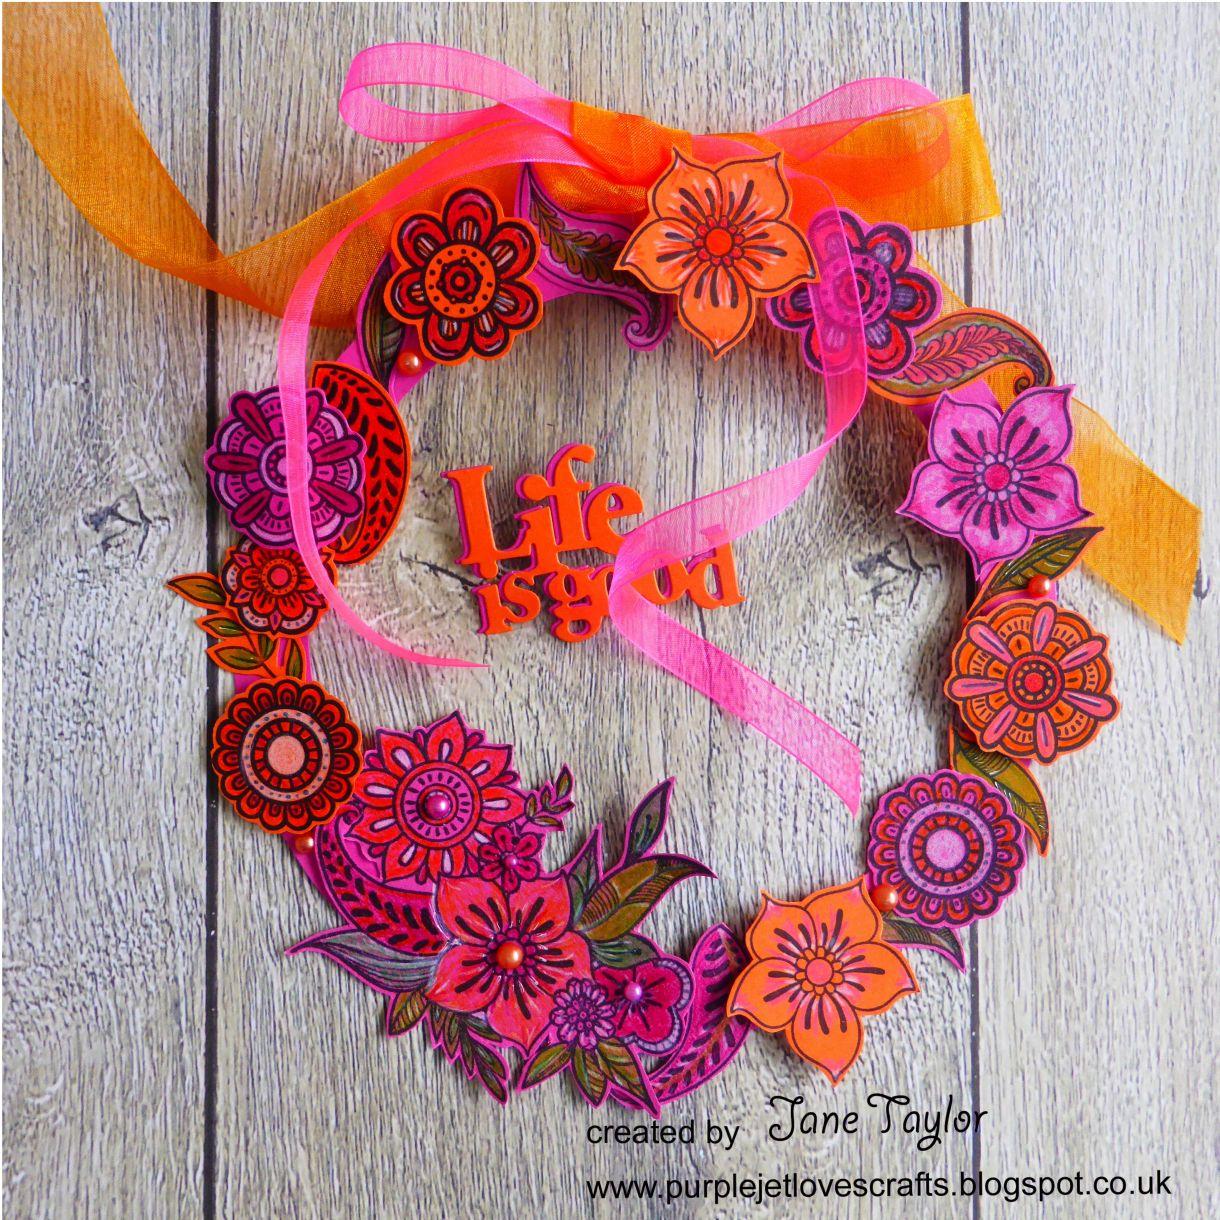 Jane Orange Pink Wreath 6